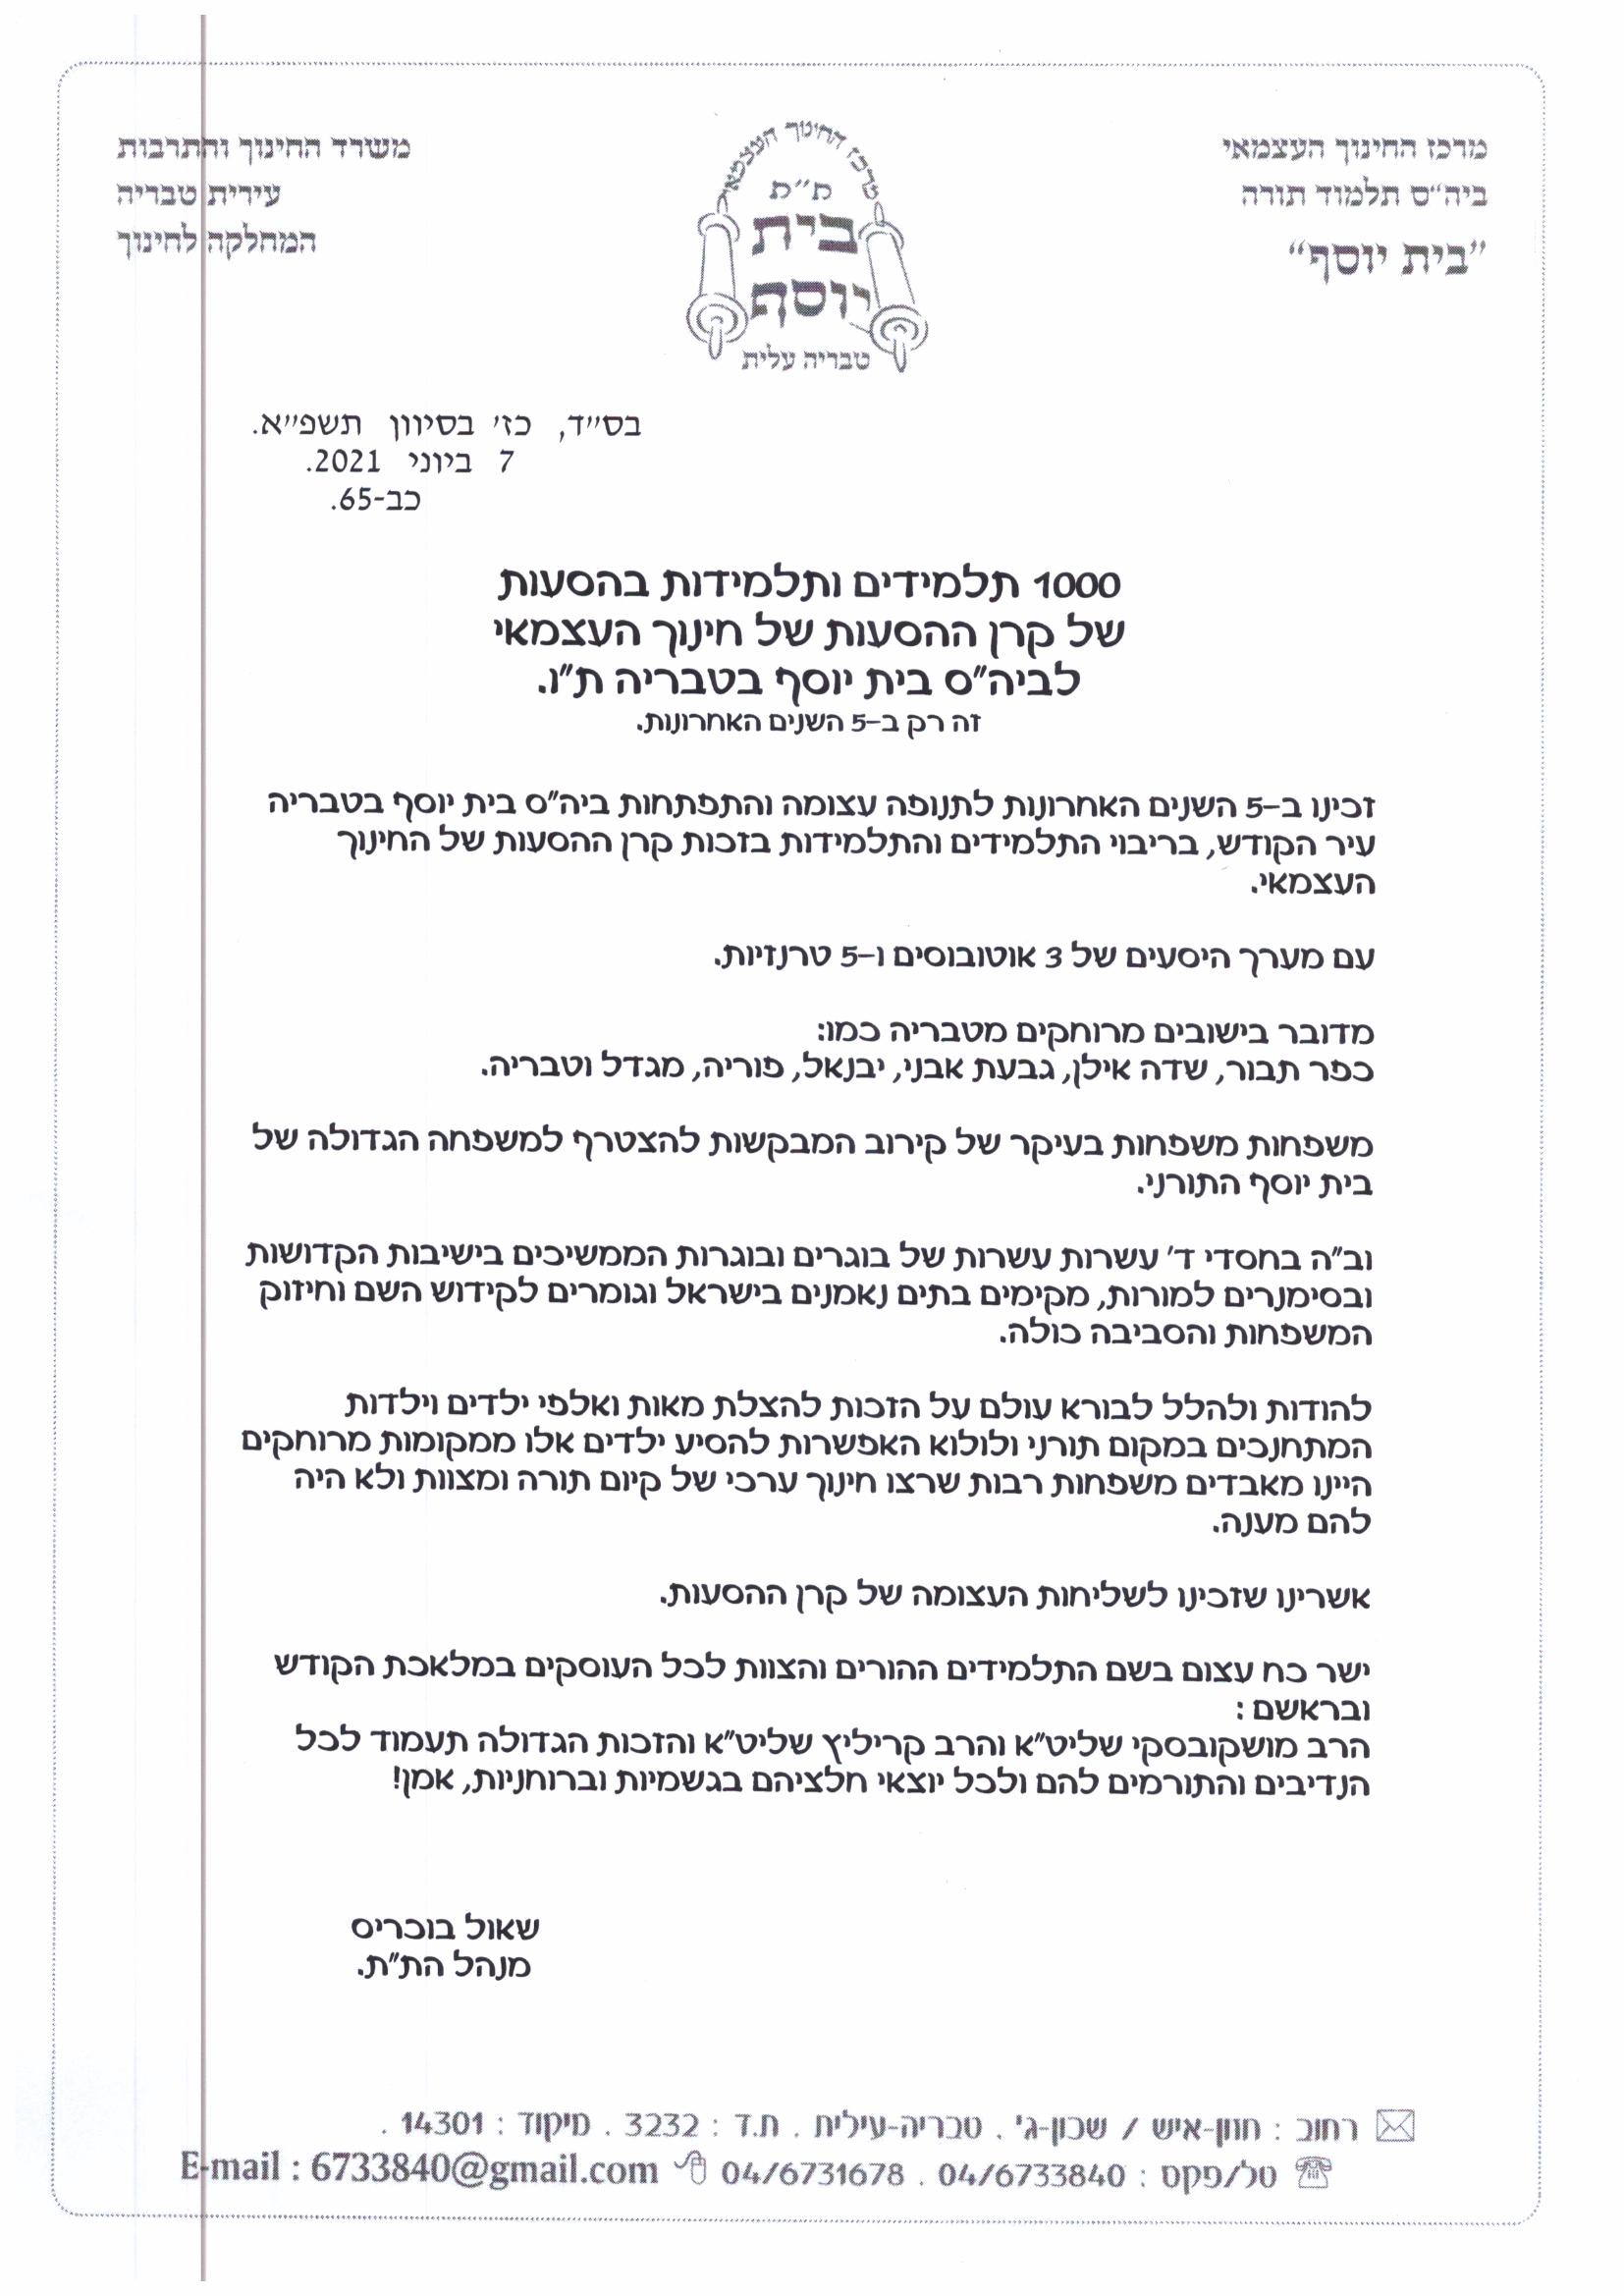 שונות - מכתב ותמונות הסעות בבית יוסף טבריה